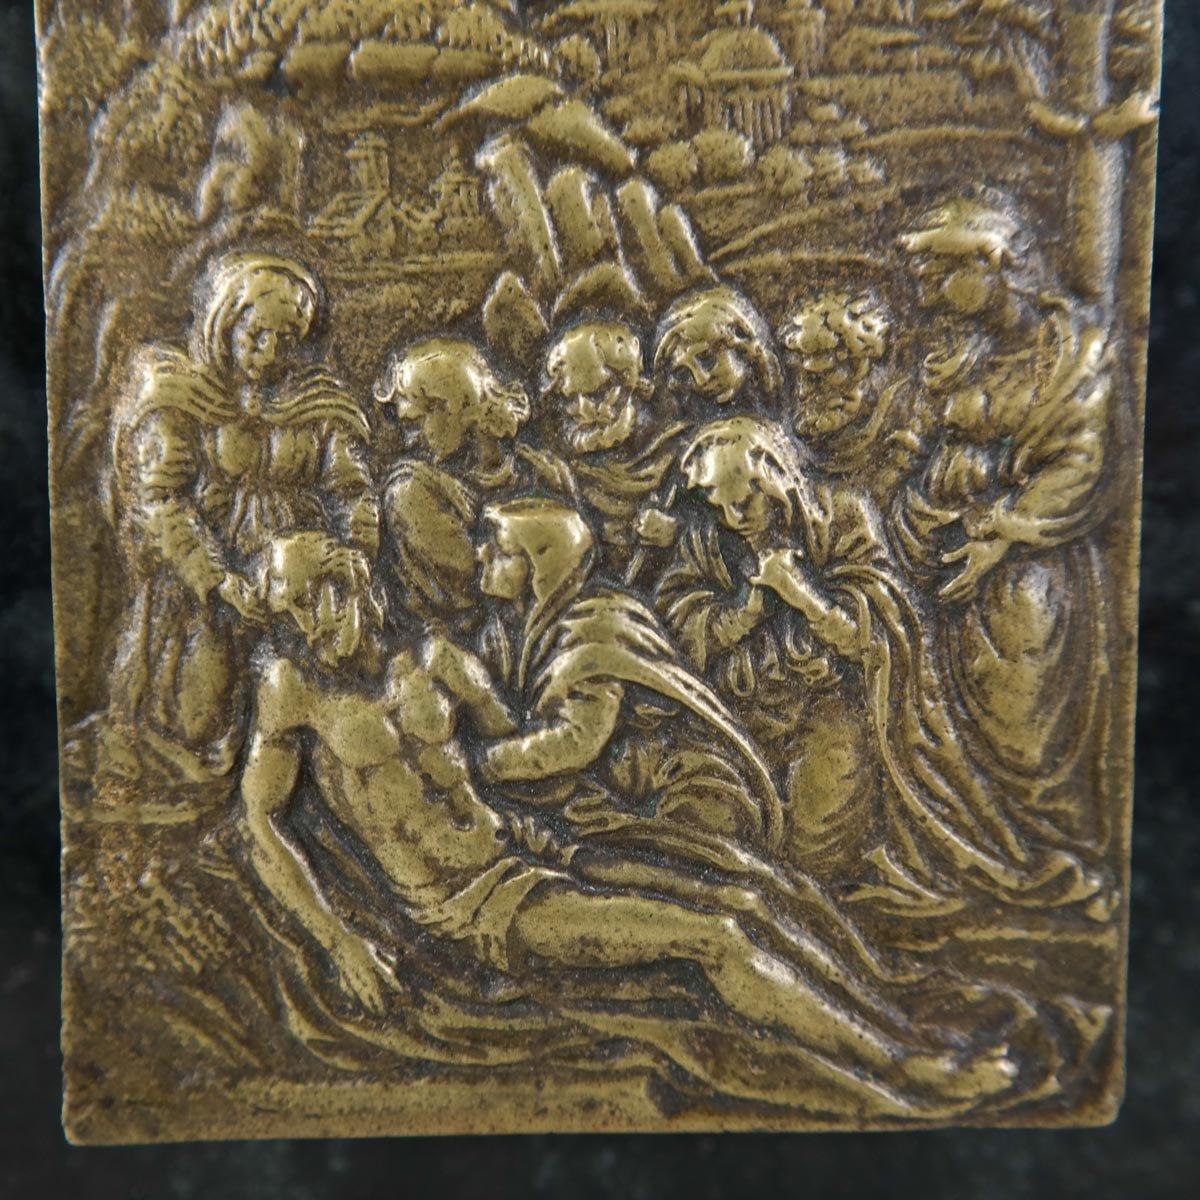 Italiaans bronzen laagreliëf (plaquette) uit de renaissance